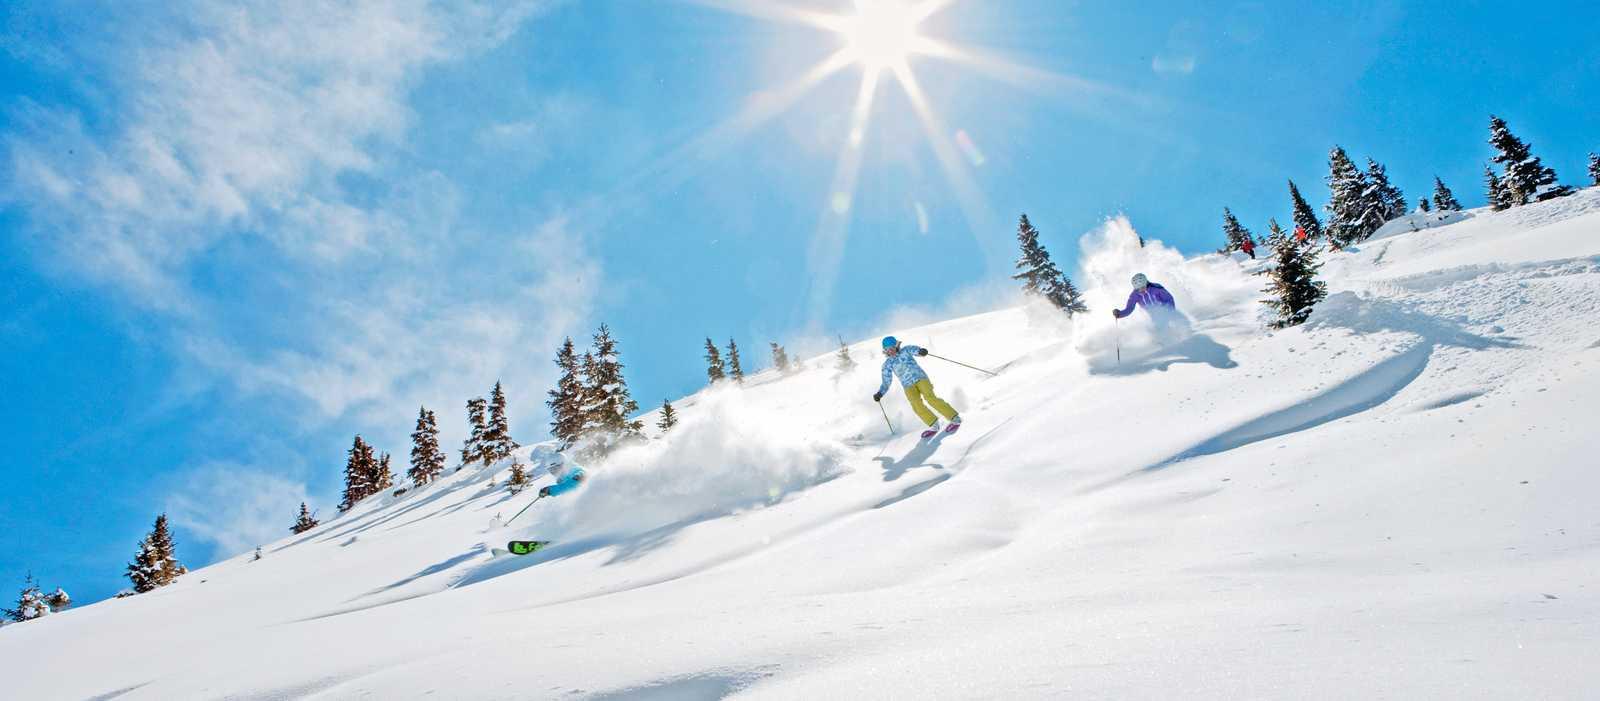 Skifahrer im Powder bei Gegenlicht